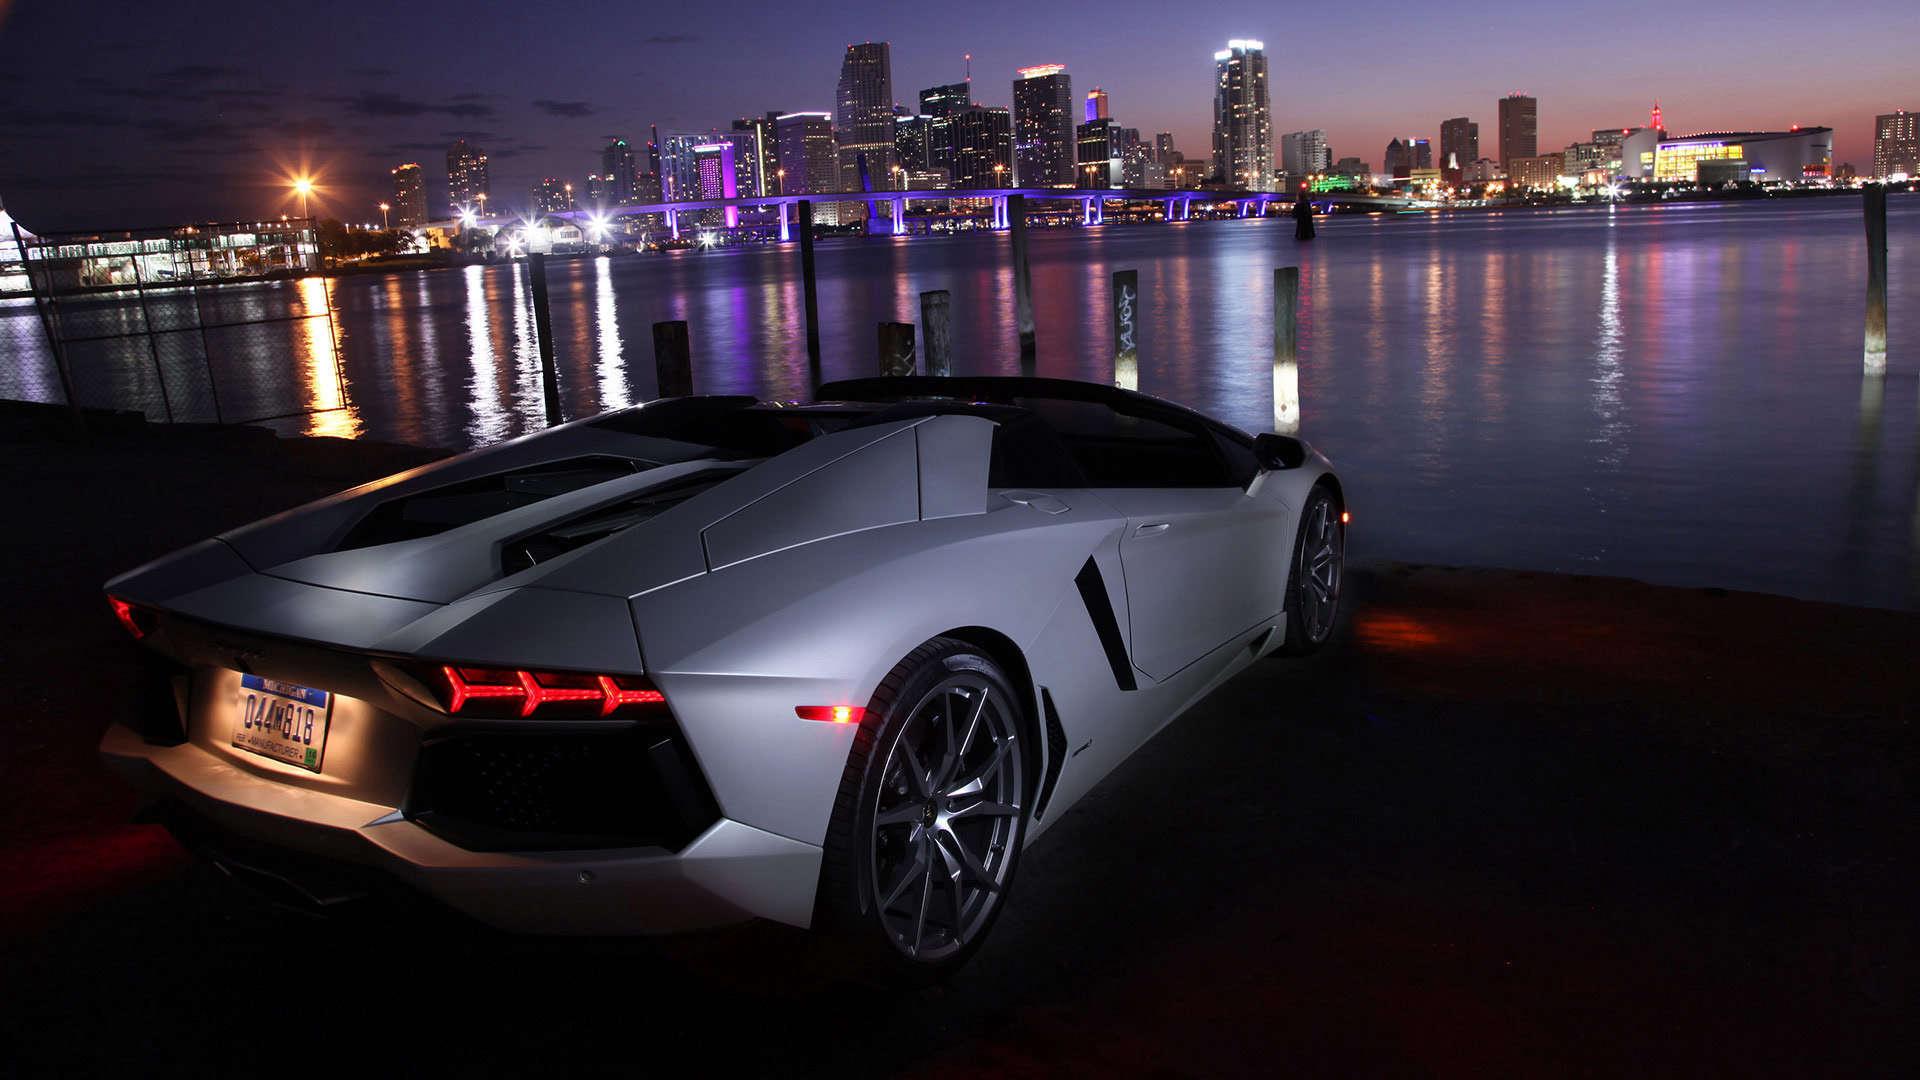 Lamborghini Wallpaper 1080p - WallpaperSafari